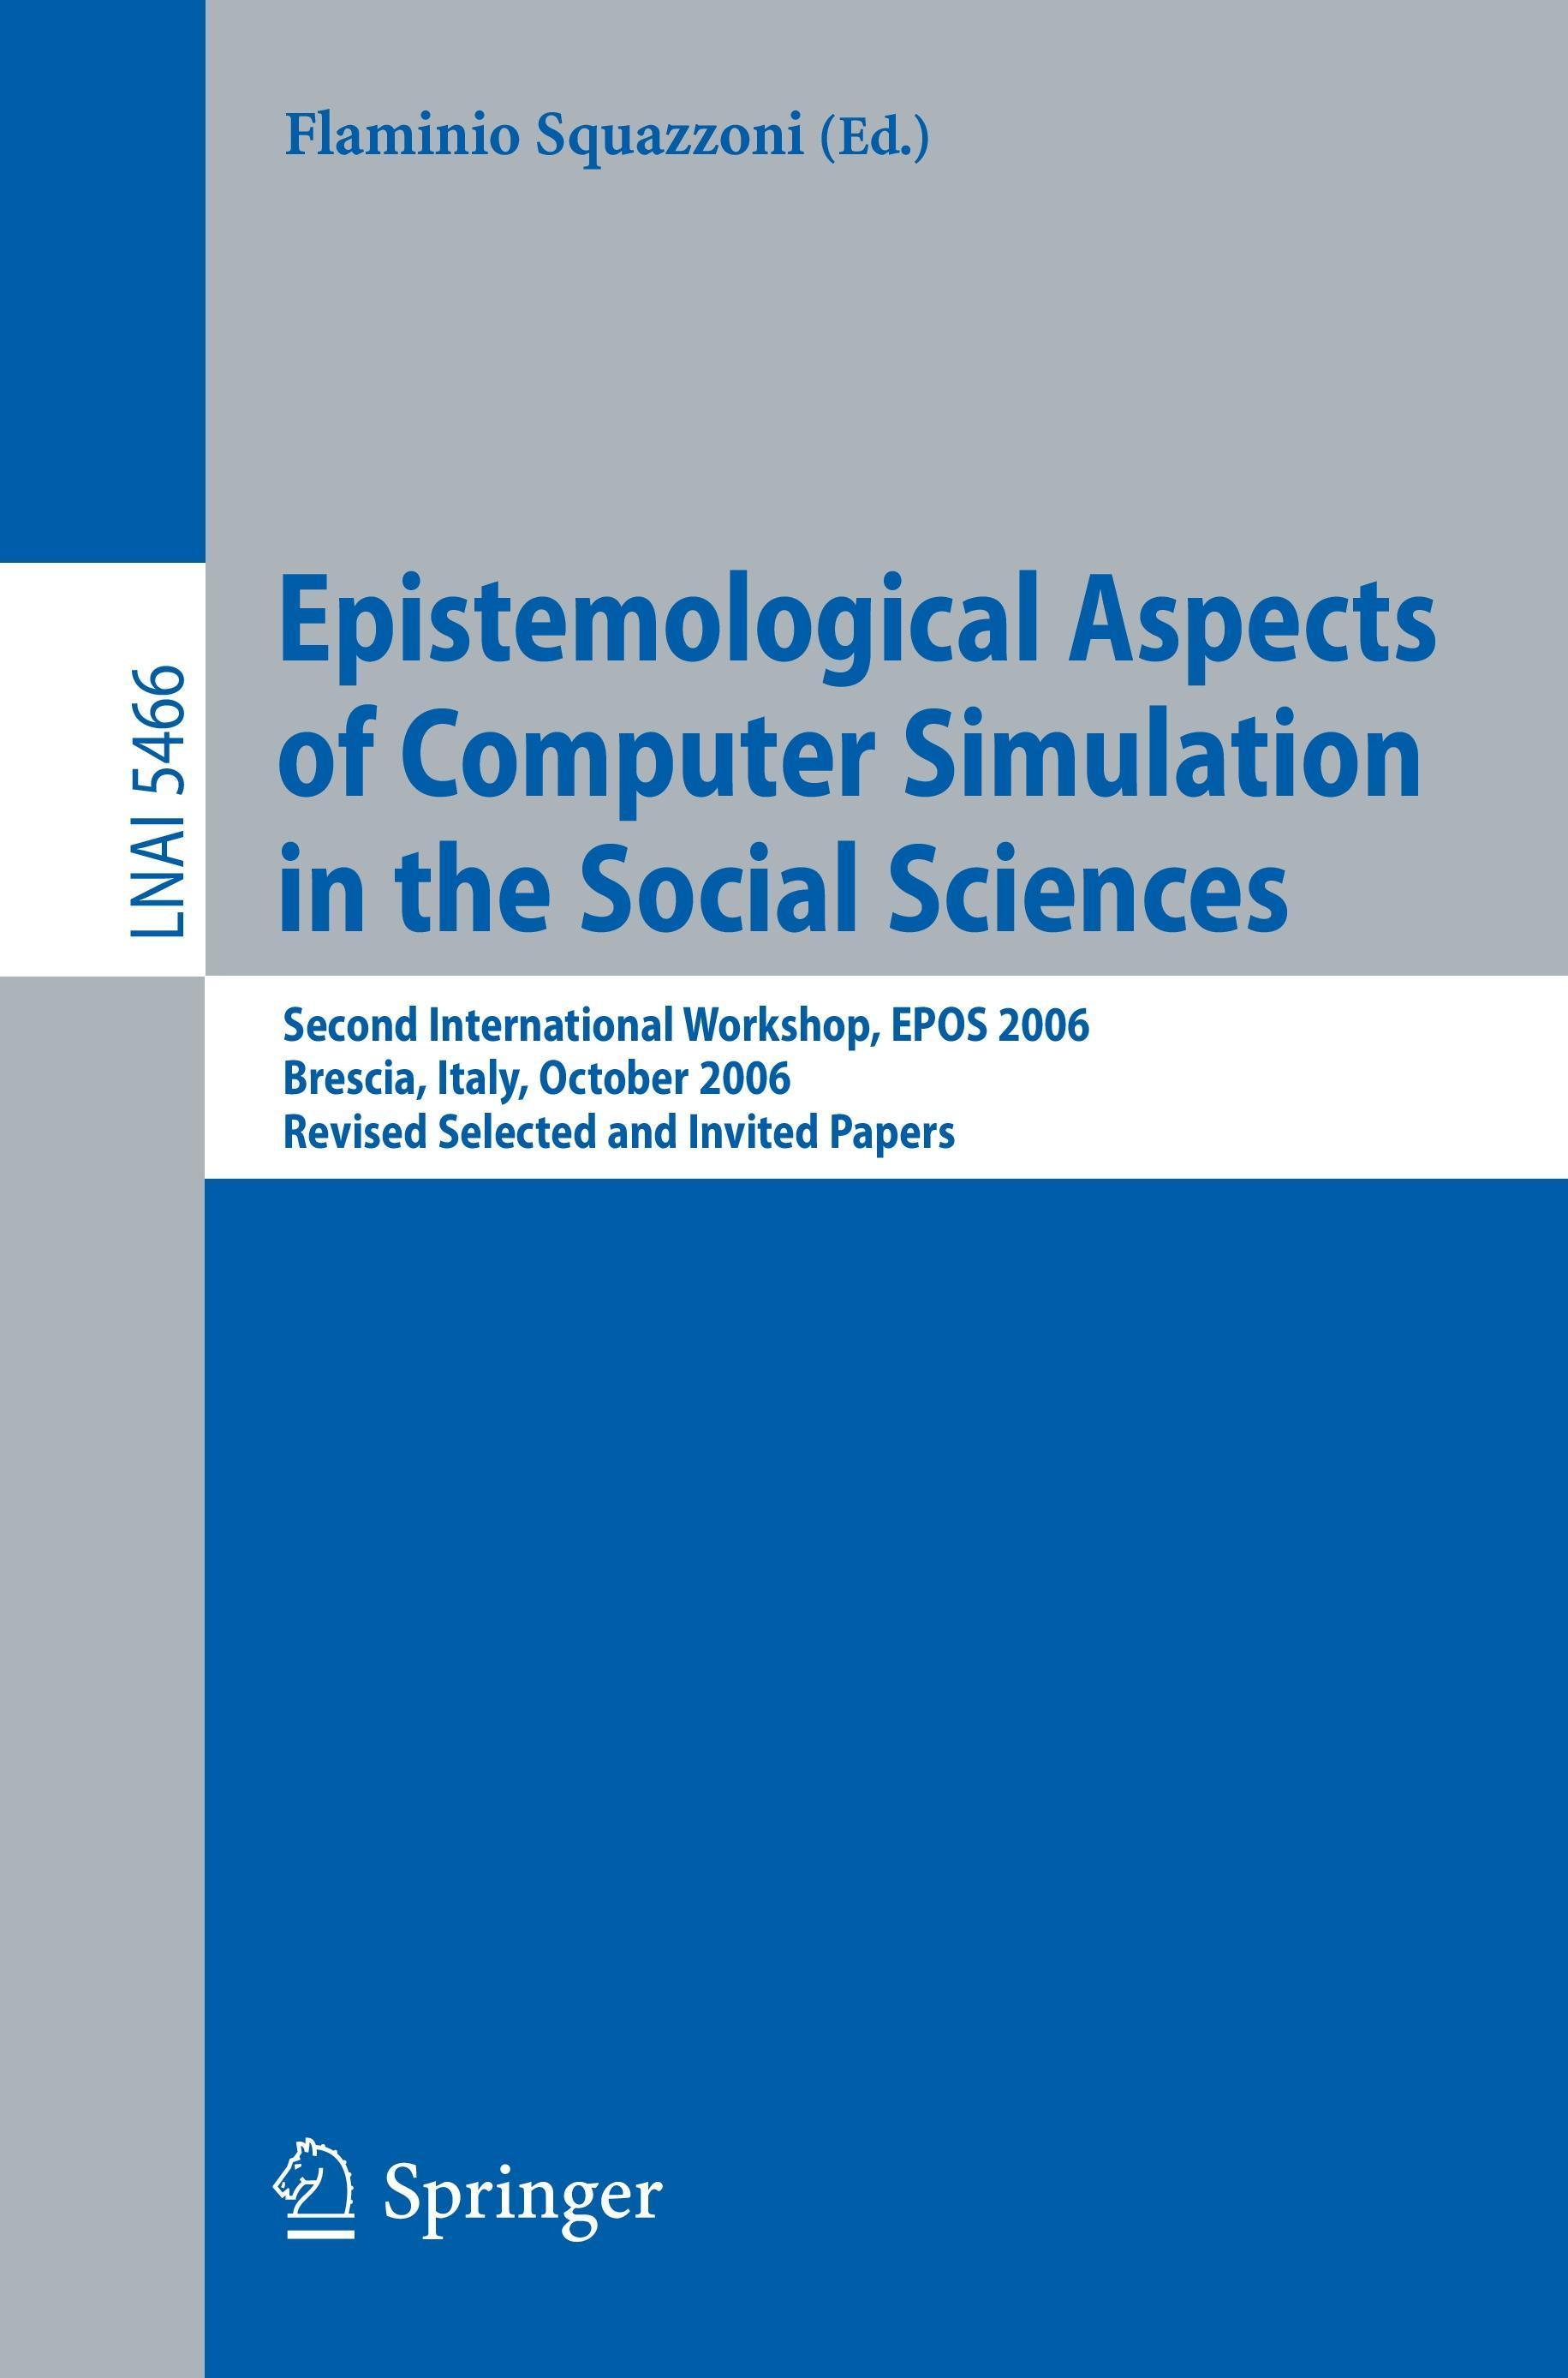 Flaminio Squazzoni / Epistemological Aspects of Computer Sim ... 9783642011085